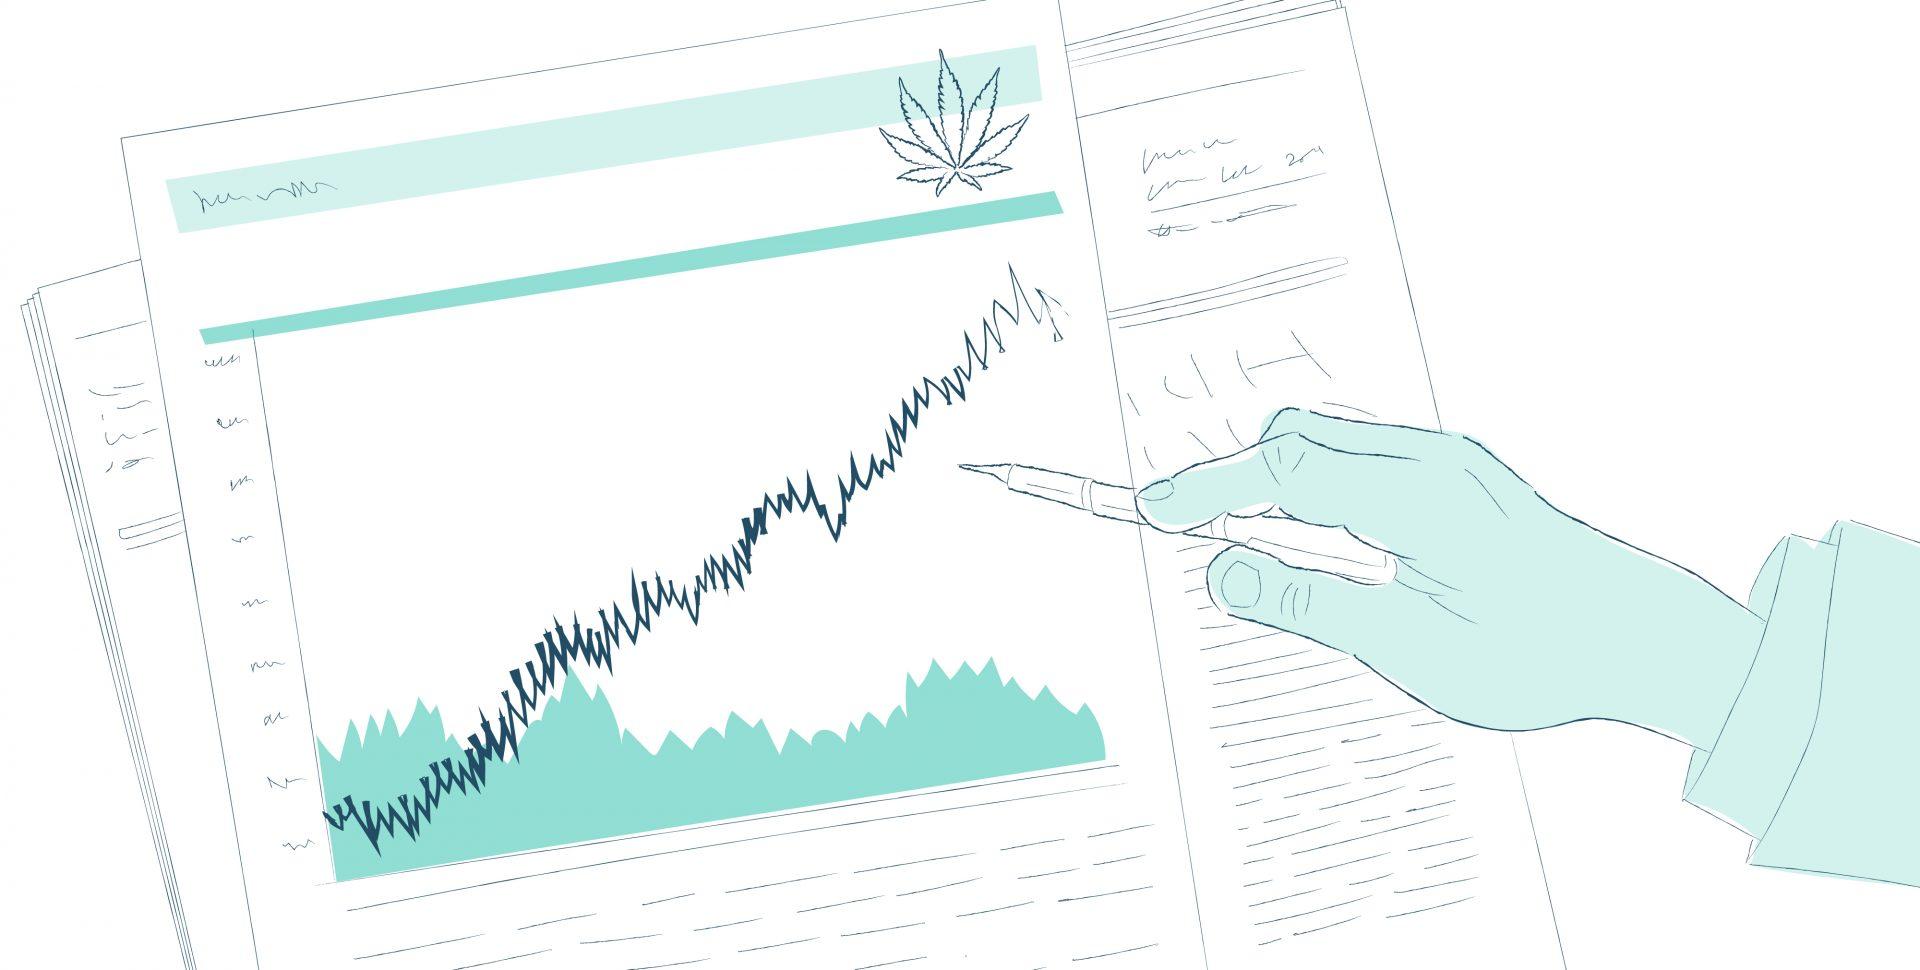 Cannabis y Finanzas - Imagen por Ilona Szentivanyi. Todos los derechos reservados a El Planteo y Benzinga.